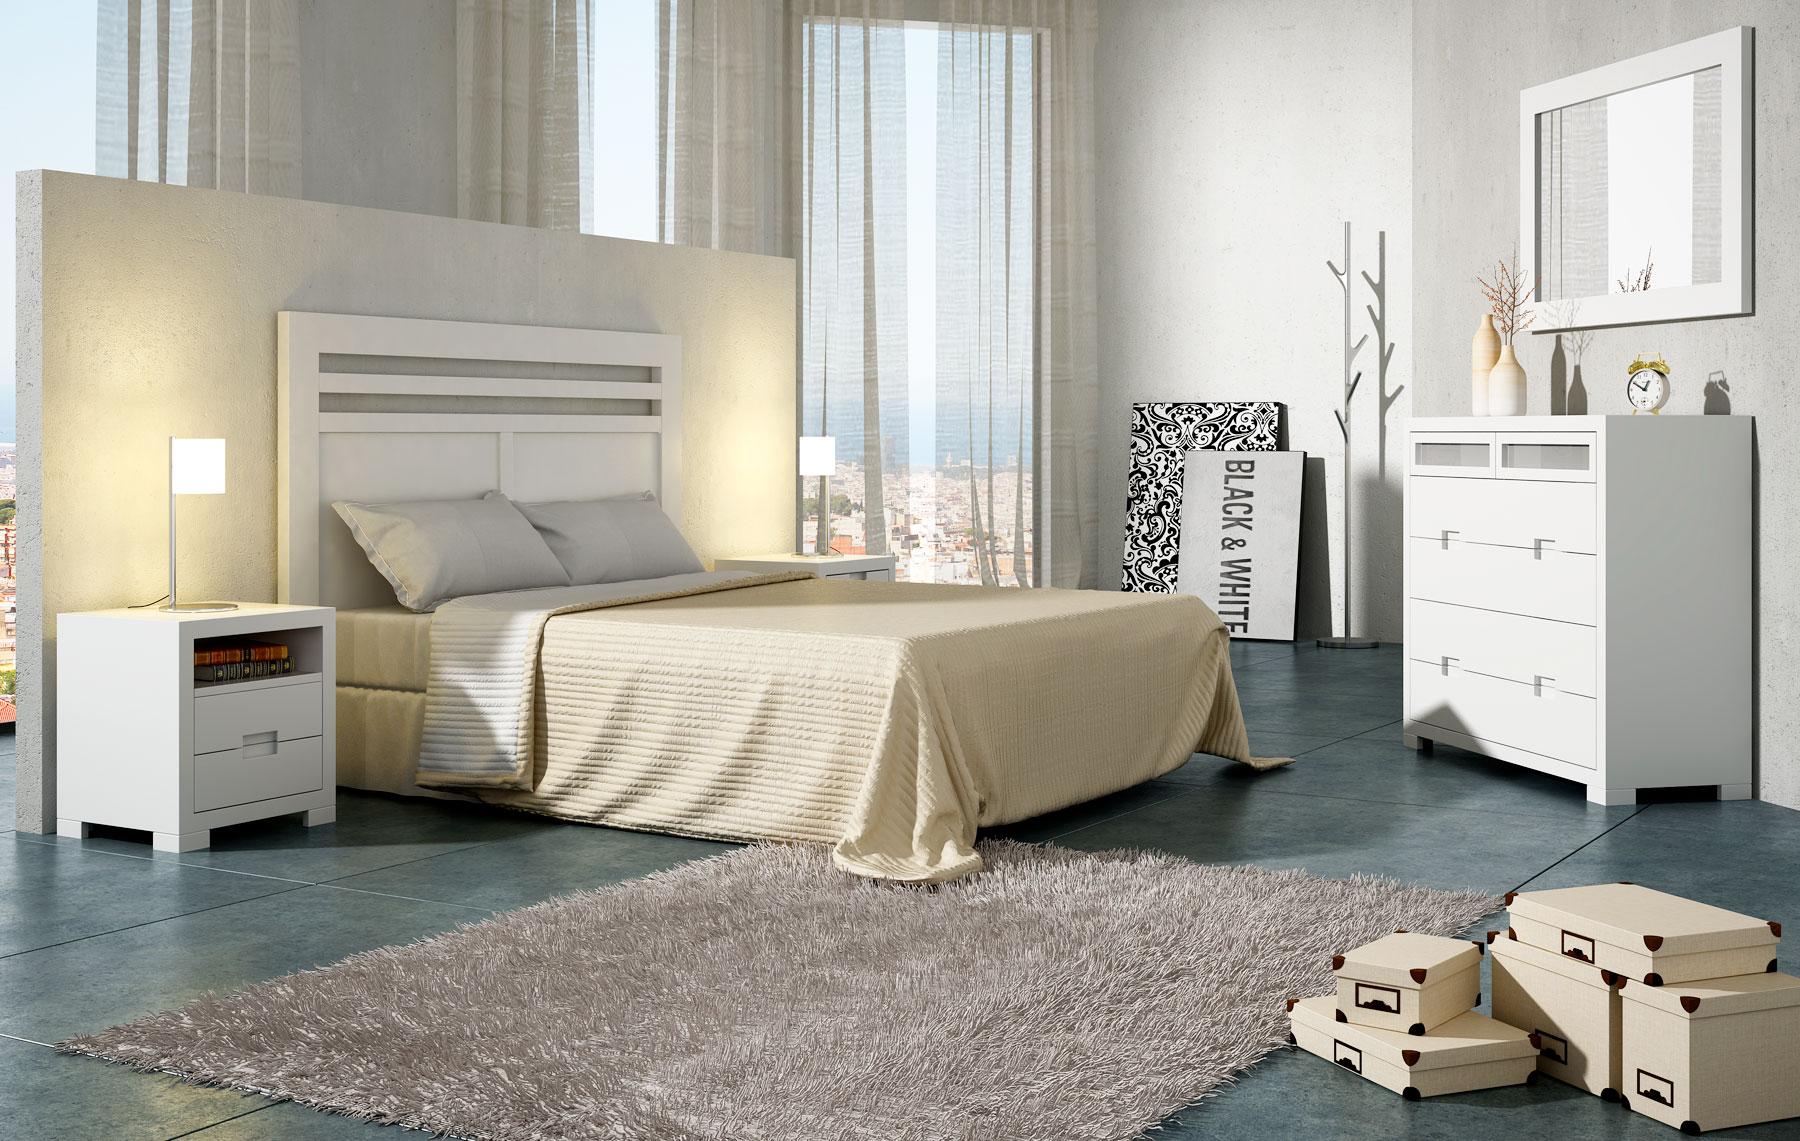 Dormitorio n rdico domaine en - Mesas para dormitorio ...